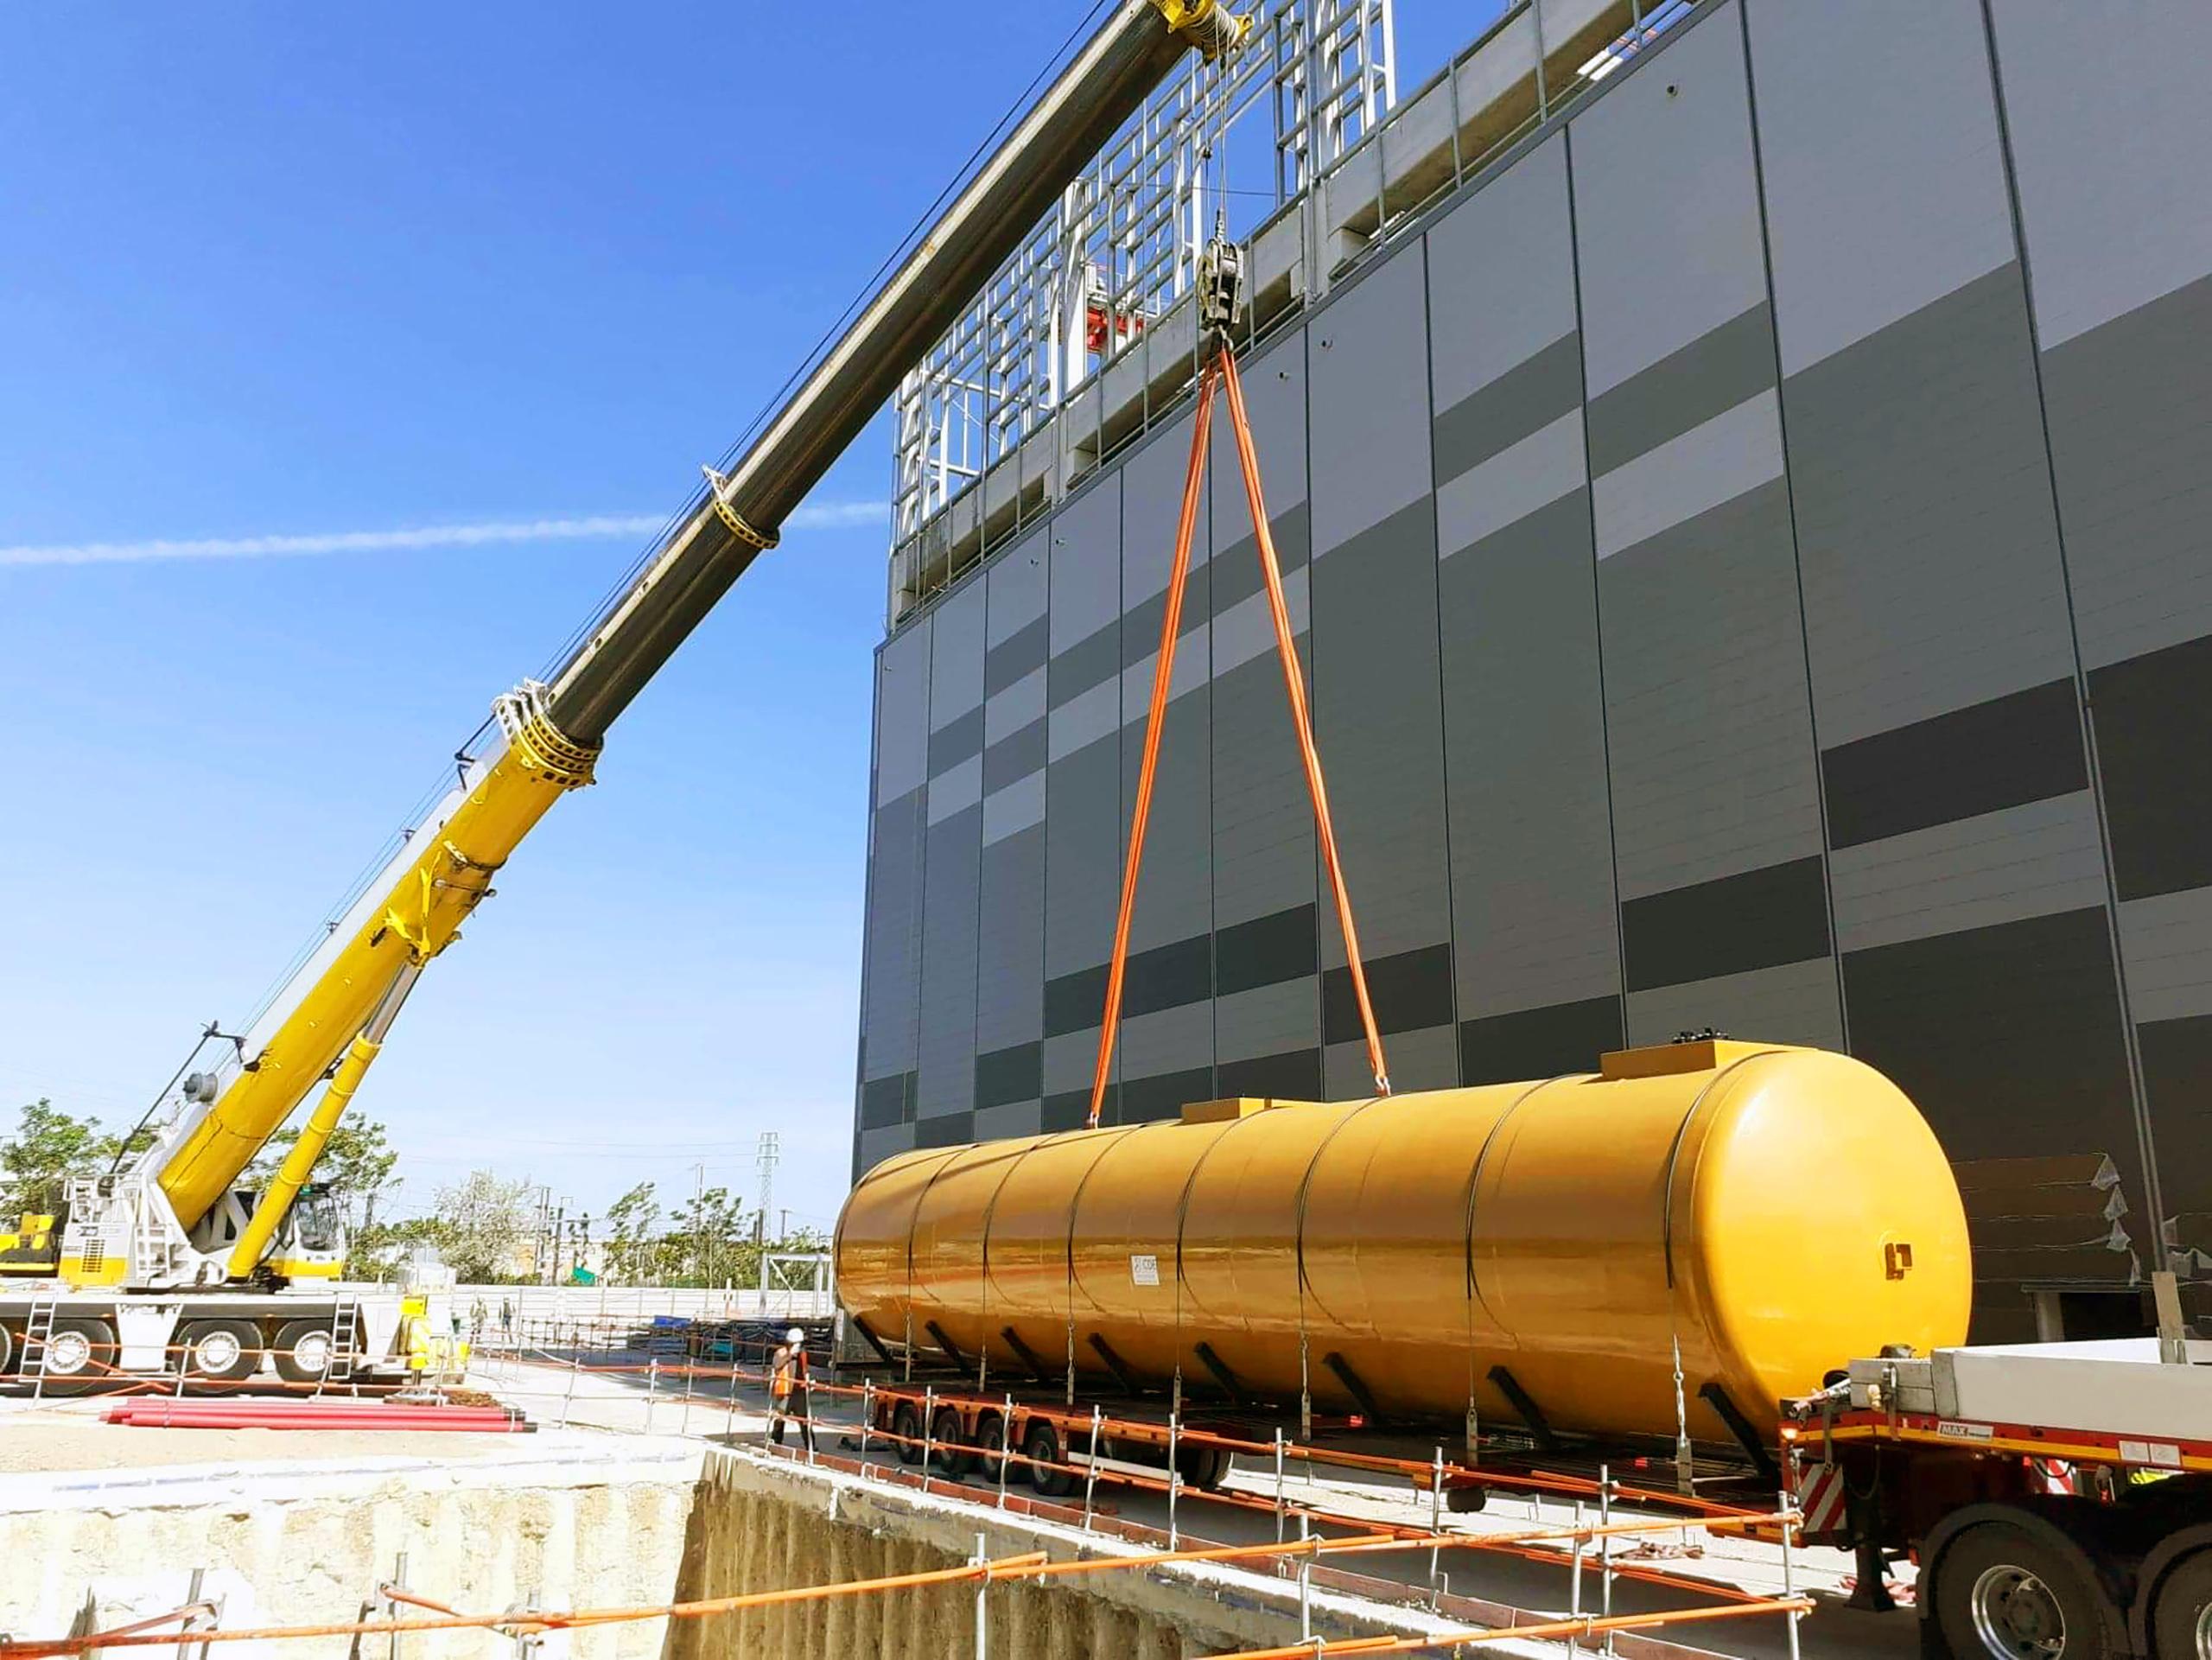 Ce site requiert un système de tuyauterie sûr et fiable